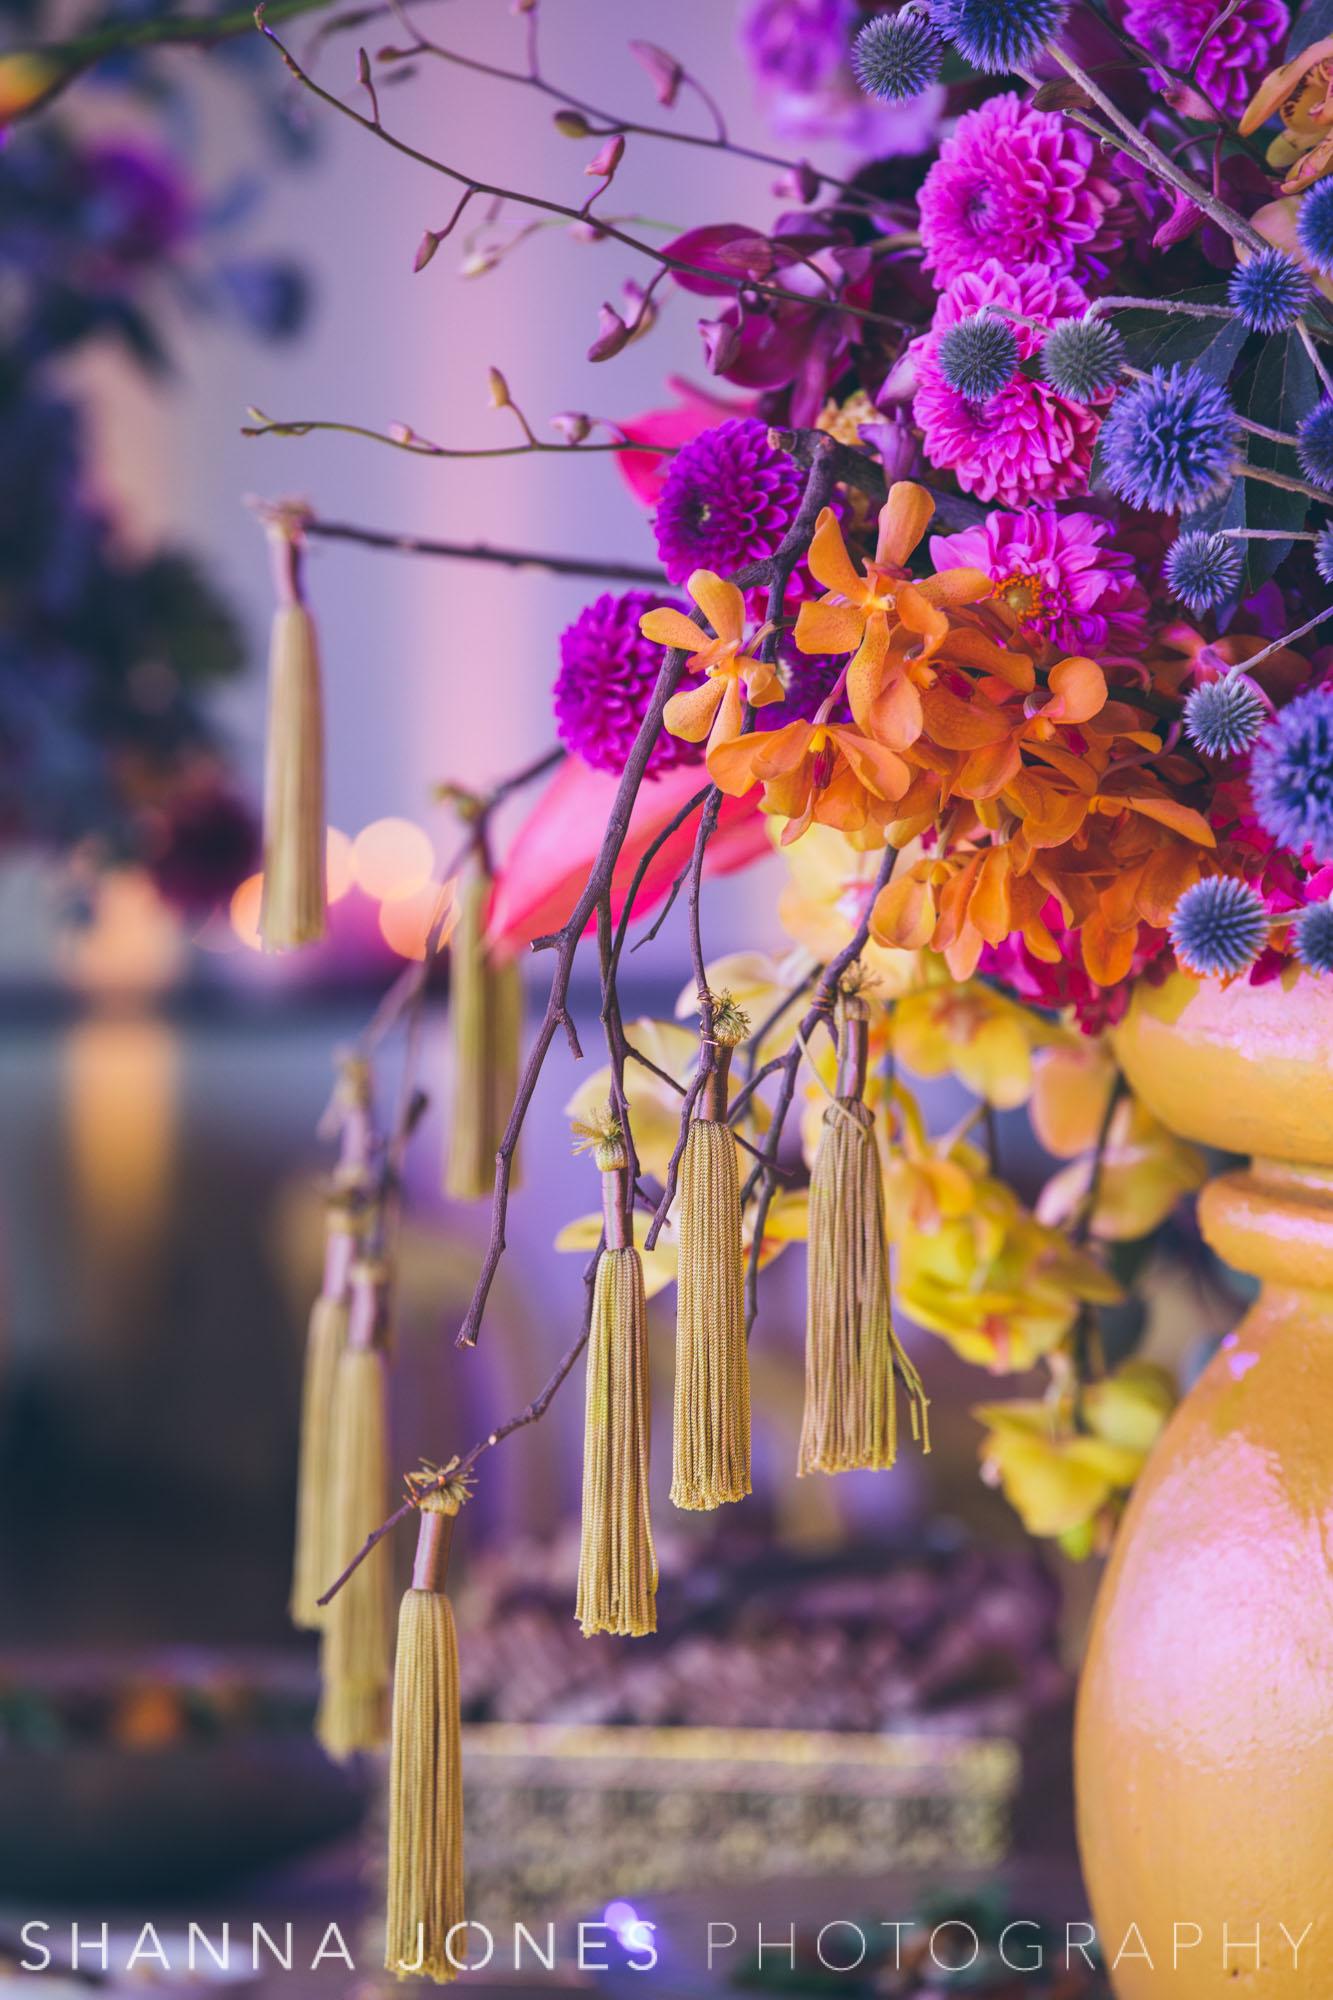 molenvliet-stellenbosch-cape-town-hindu-wedding-shanna-jones-photography-charlotte-kush-6.jpg